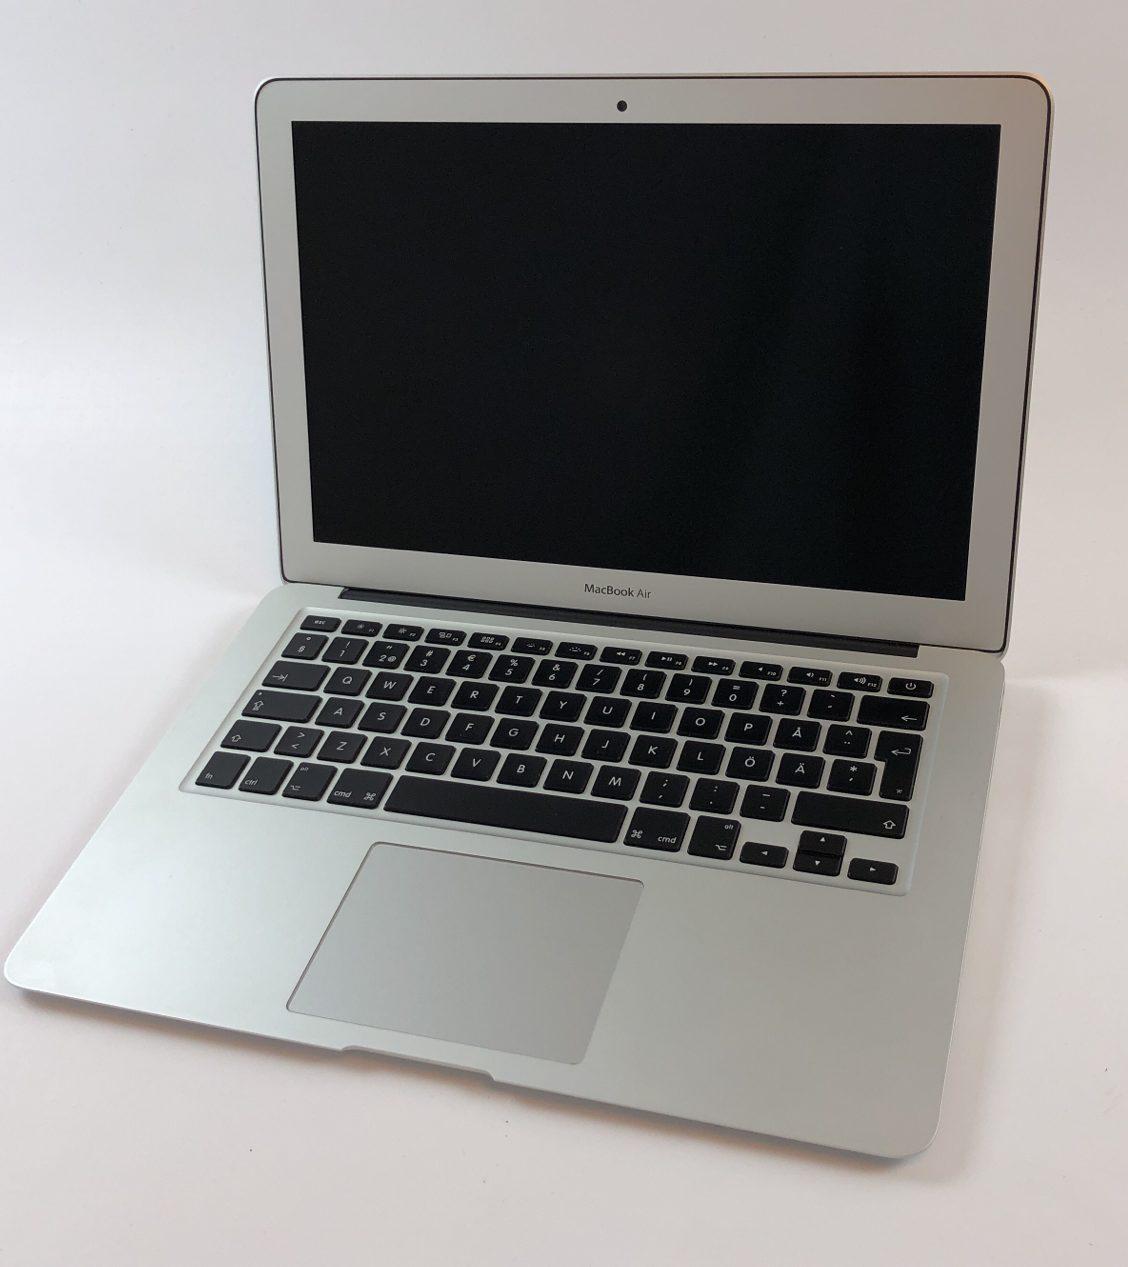 """MacBook Air 13"""" Mid 2013 (Intel Core i7 1.7 GHz 8 GB RAM 256 GB SSD), Intel Core i7 1.7 GHz, 8 GB RAM, 256 GB SSD, bild 1"""